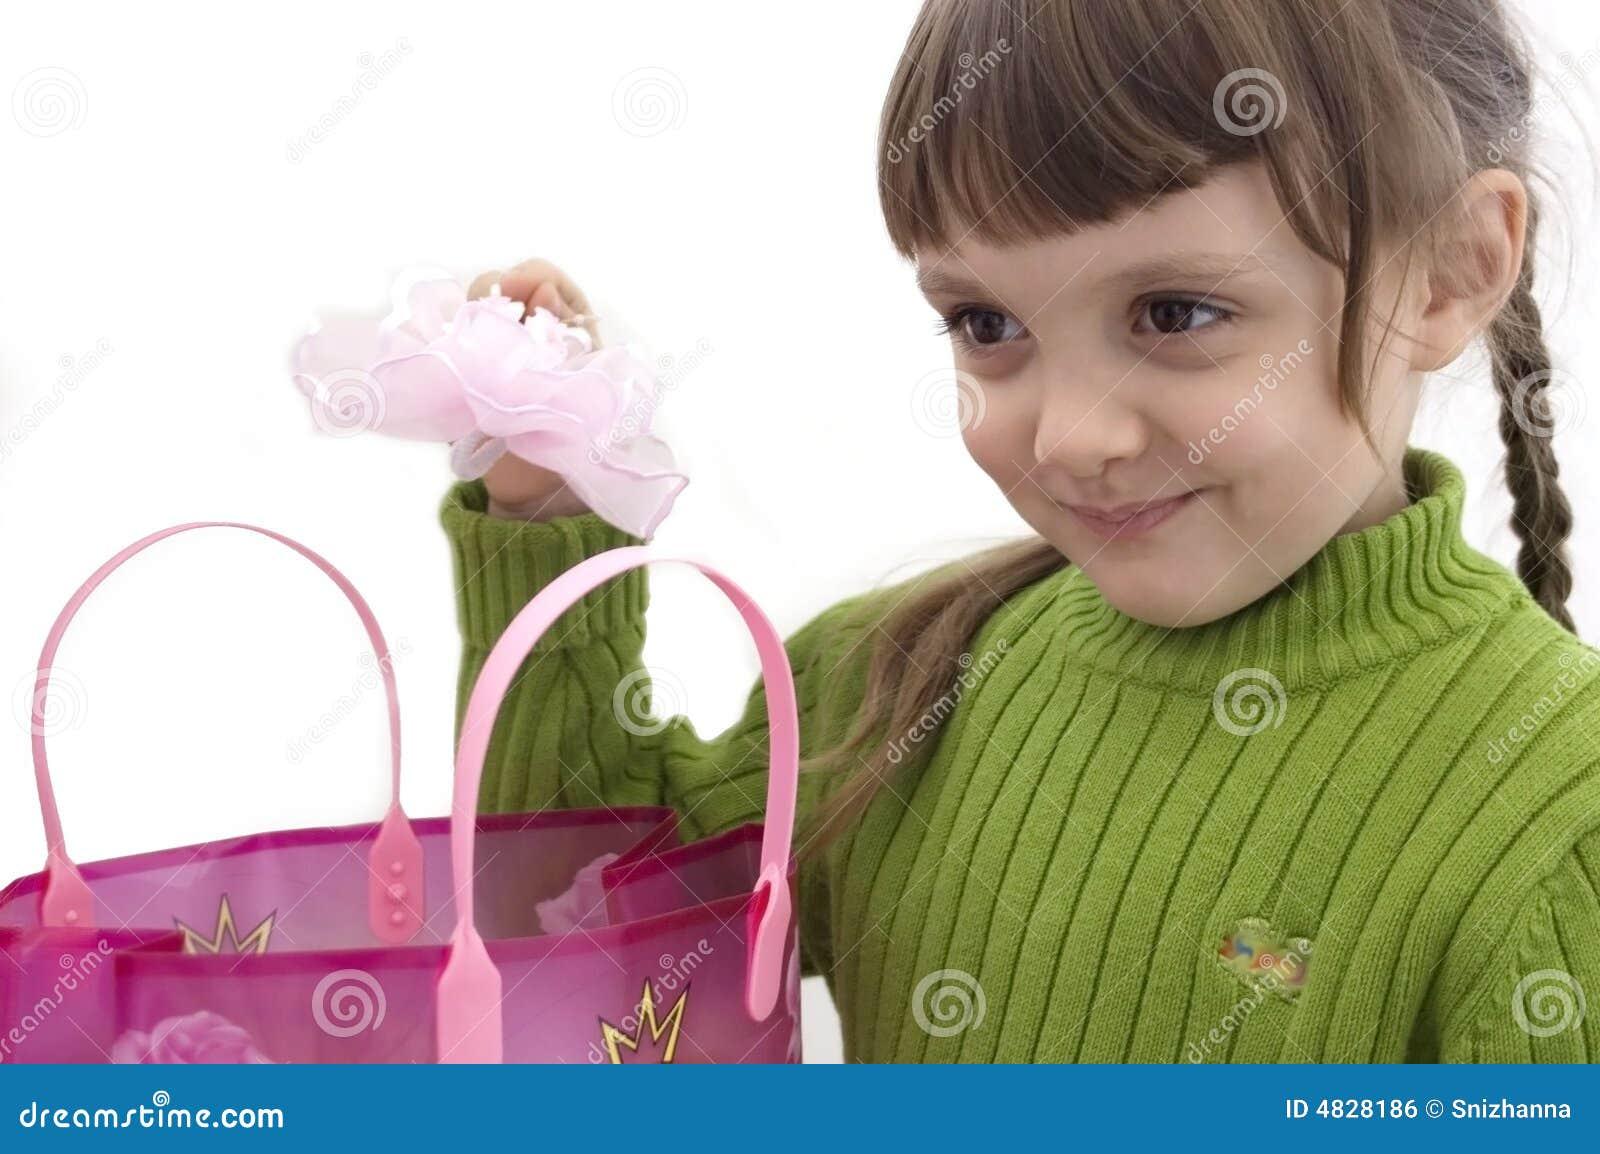 Das Mädchen und die Käufe